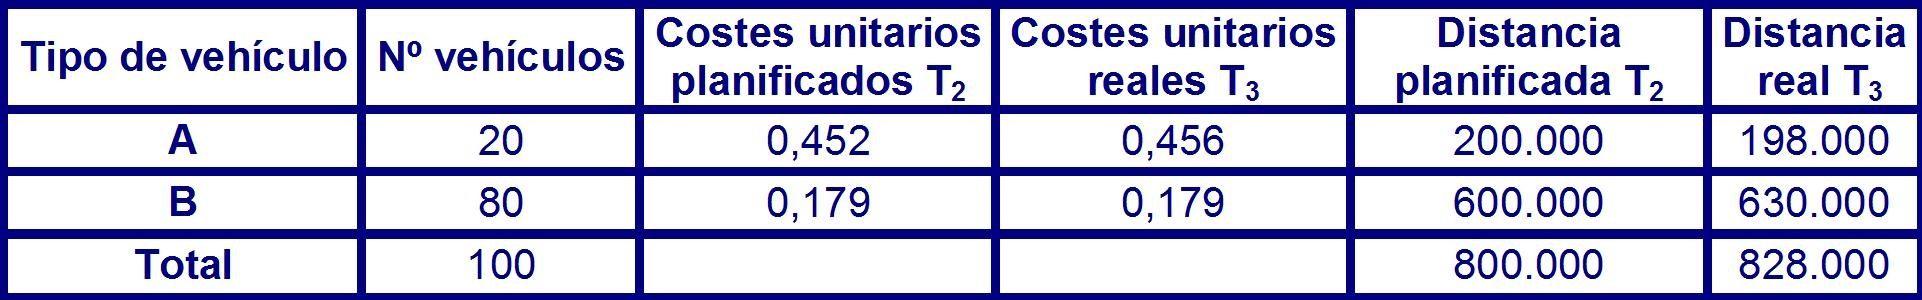 Tabla 36 datos planificados y reales para el periodo 2.